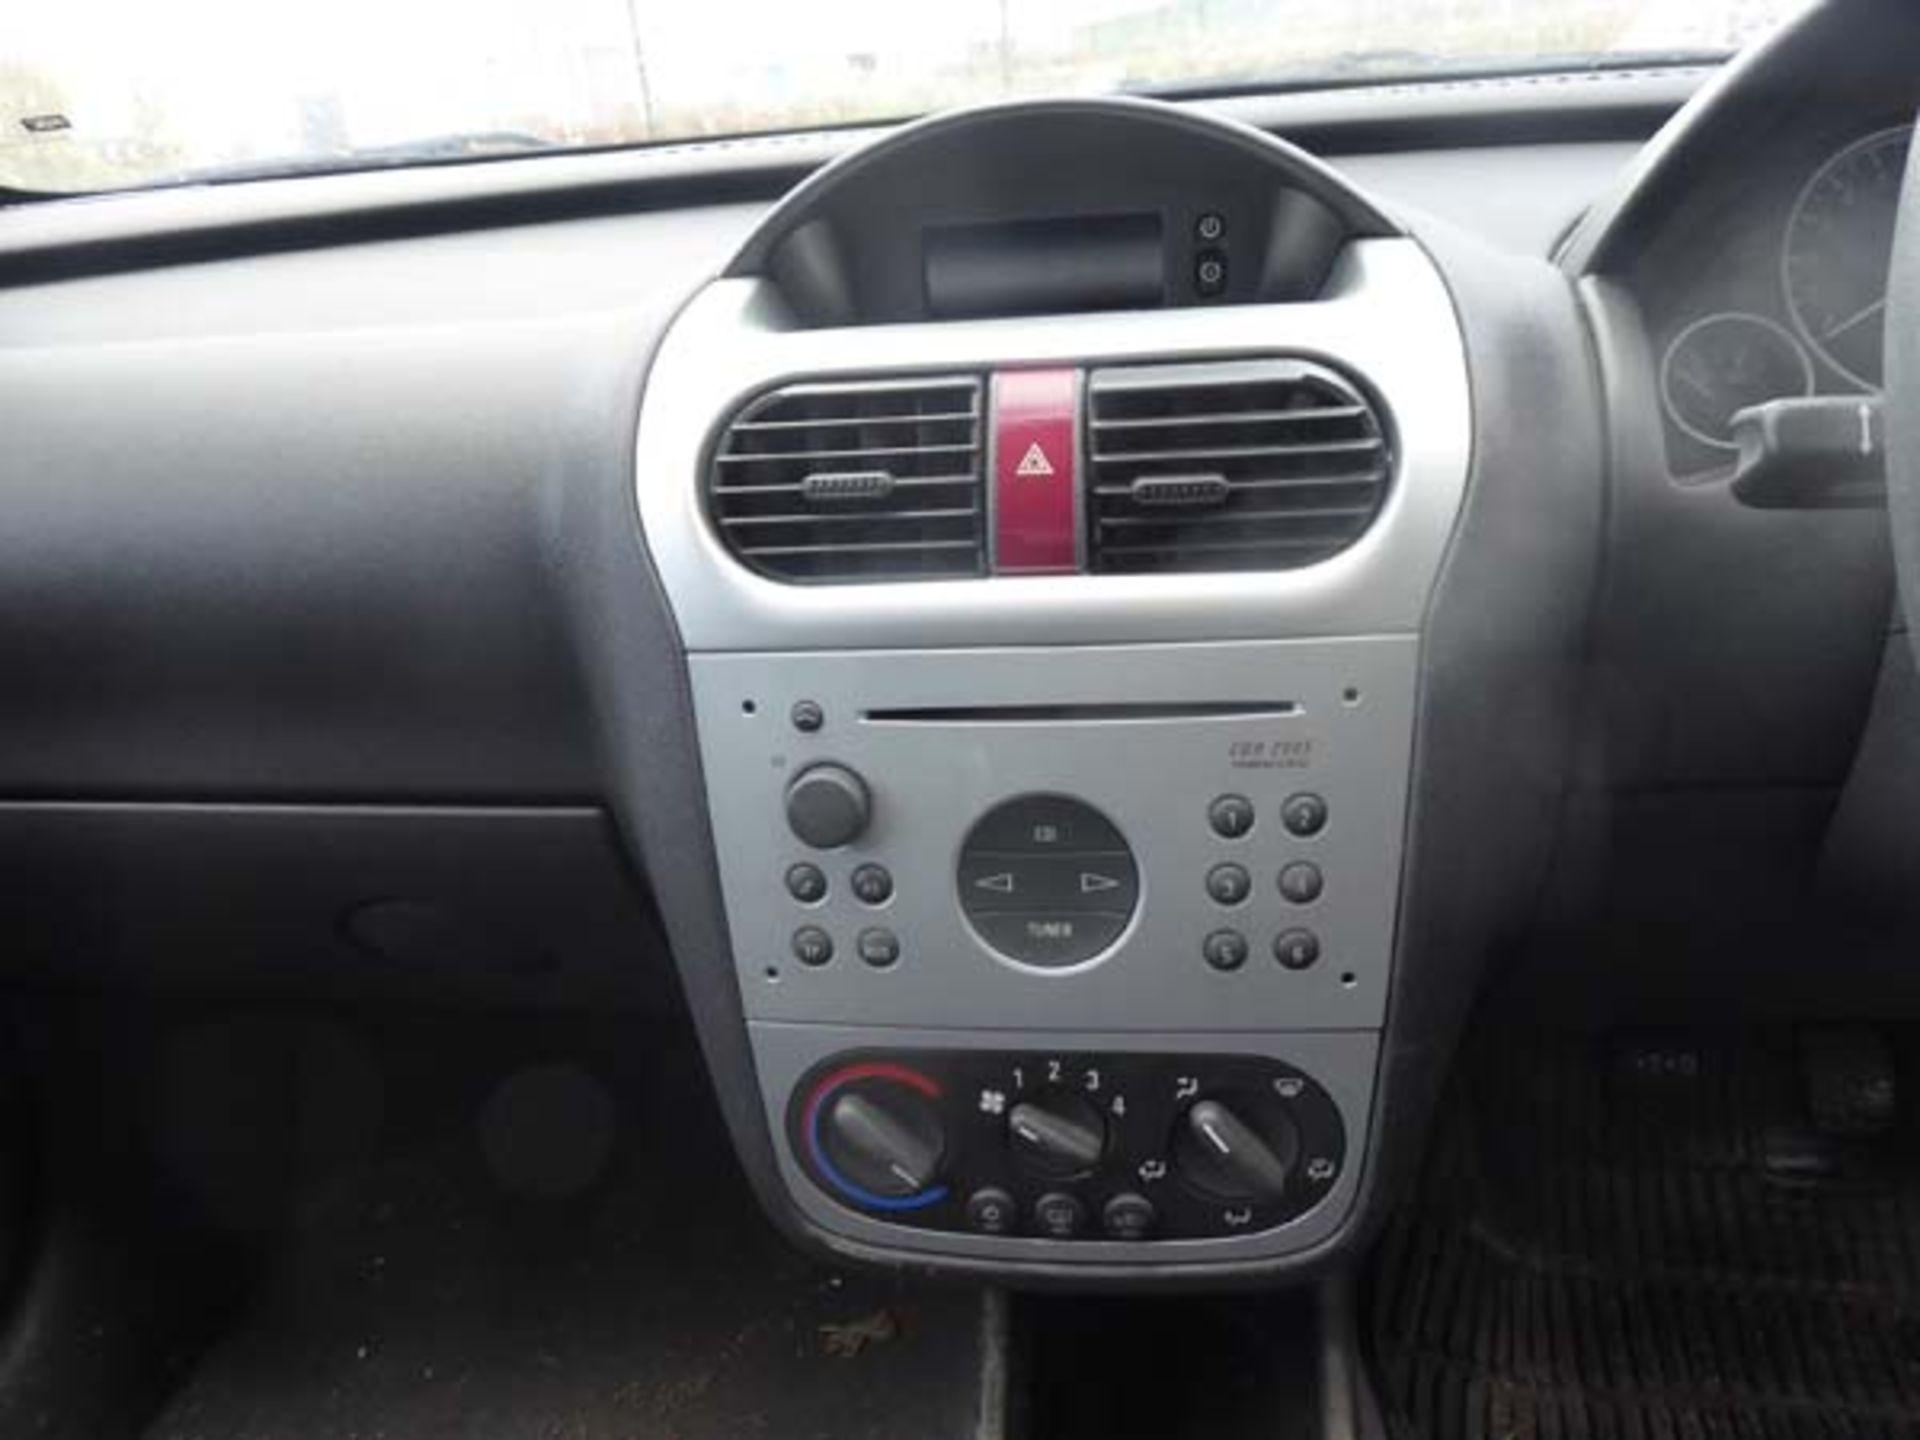 KL53 KTA (2003) Vauxhall Corsa Active 16V, 3 door hatchback, 1199cc, petrol, in silver, 39'044 - Image 6 of 12